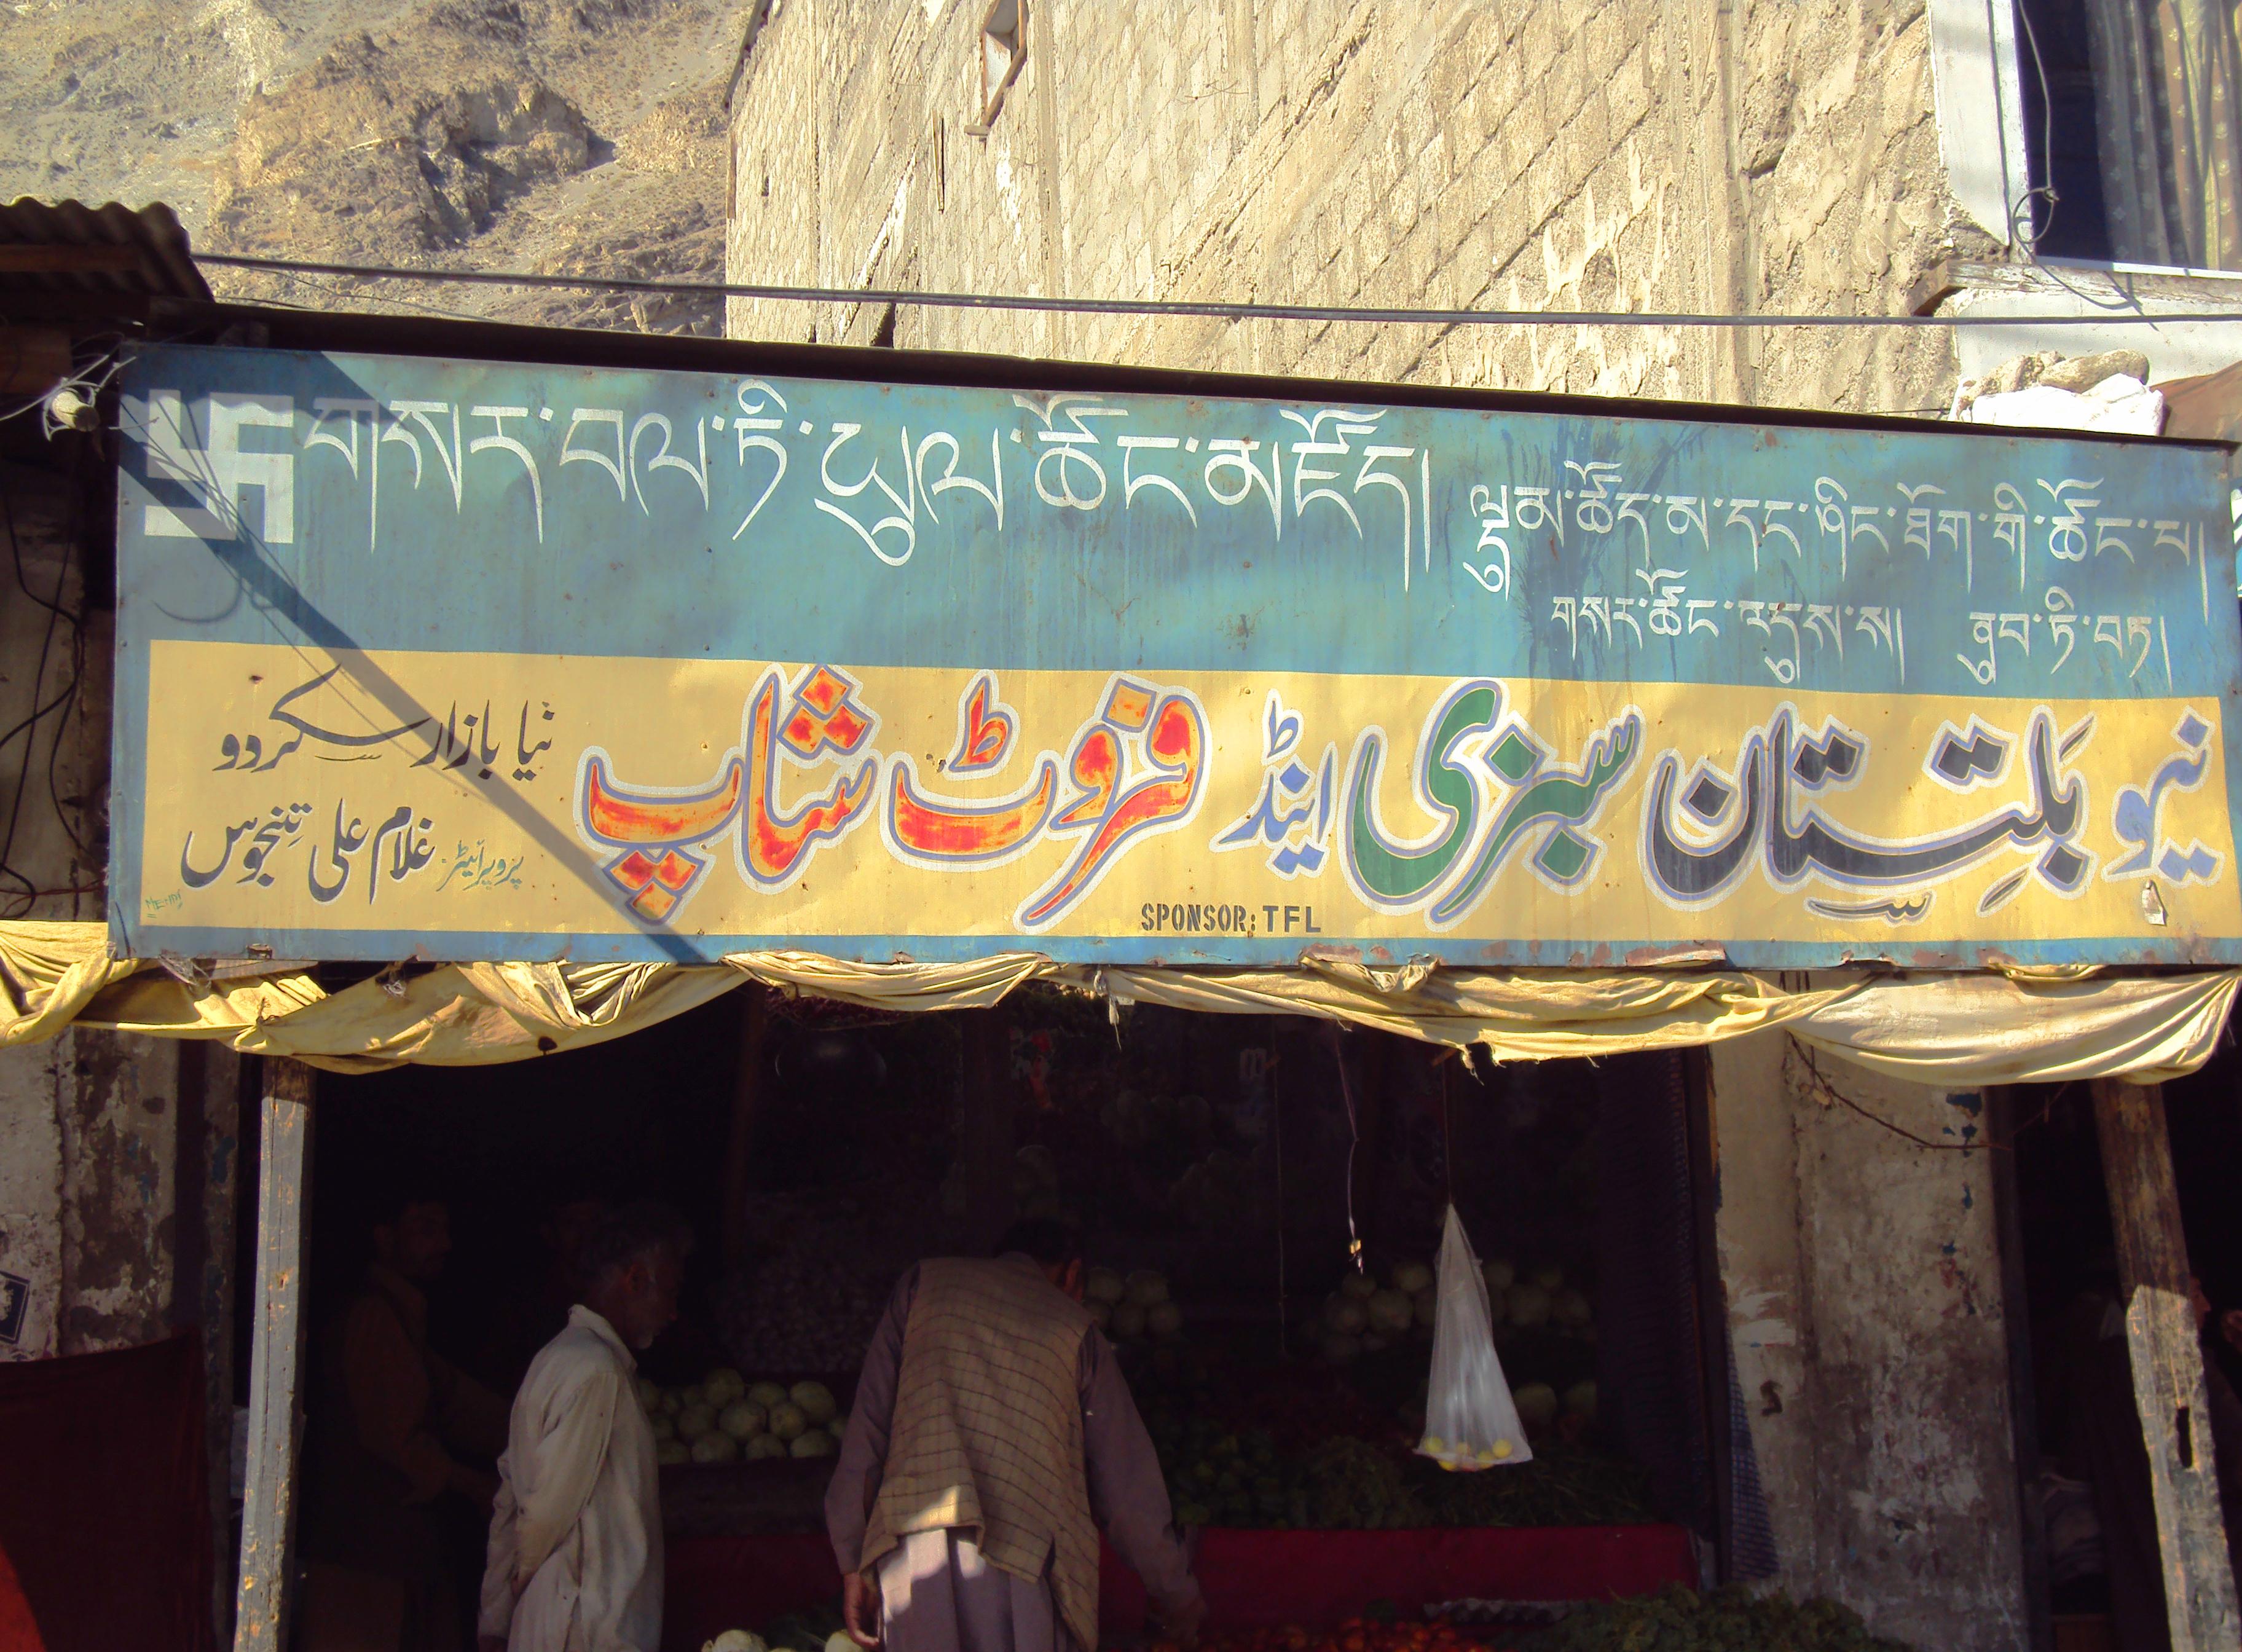 Shop sign in Tibetan and Urdu script